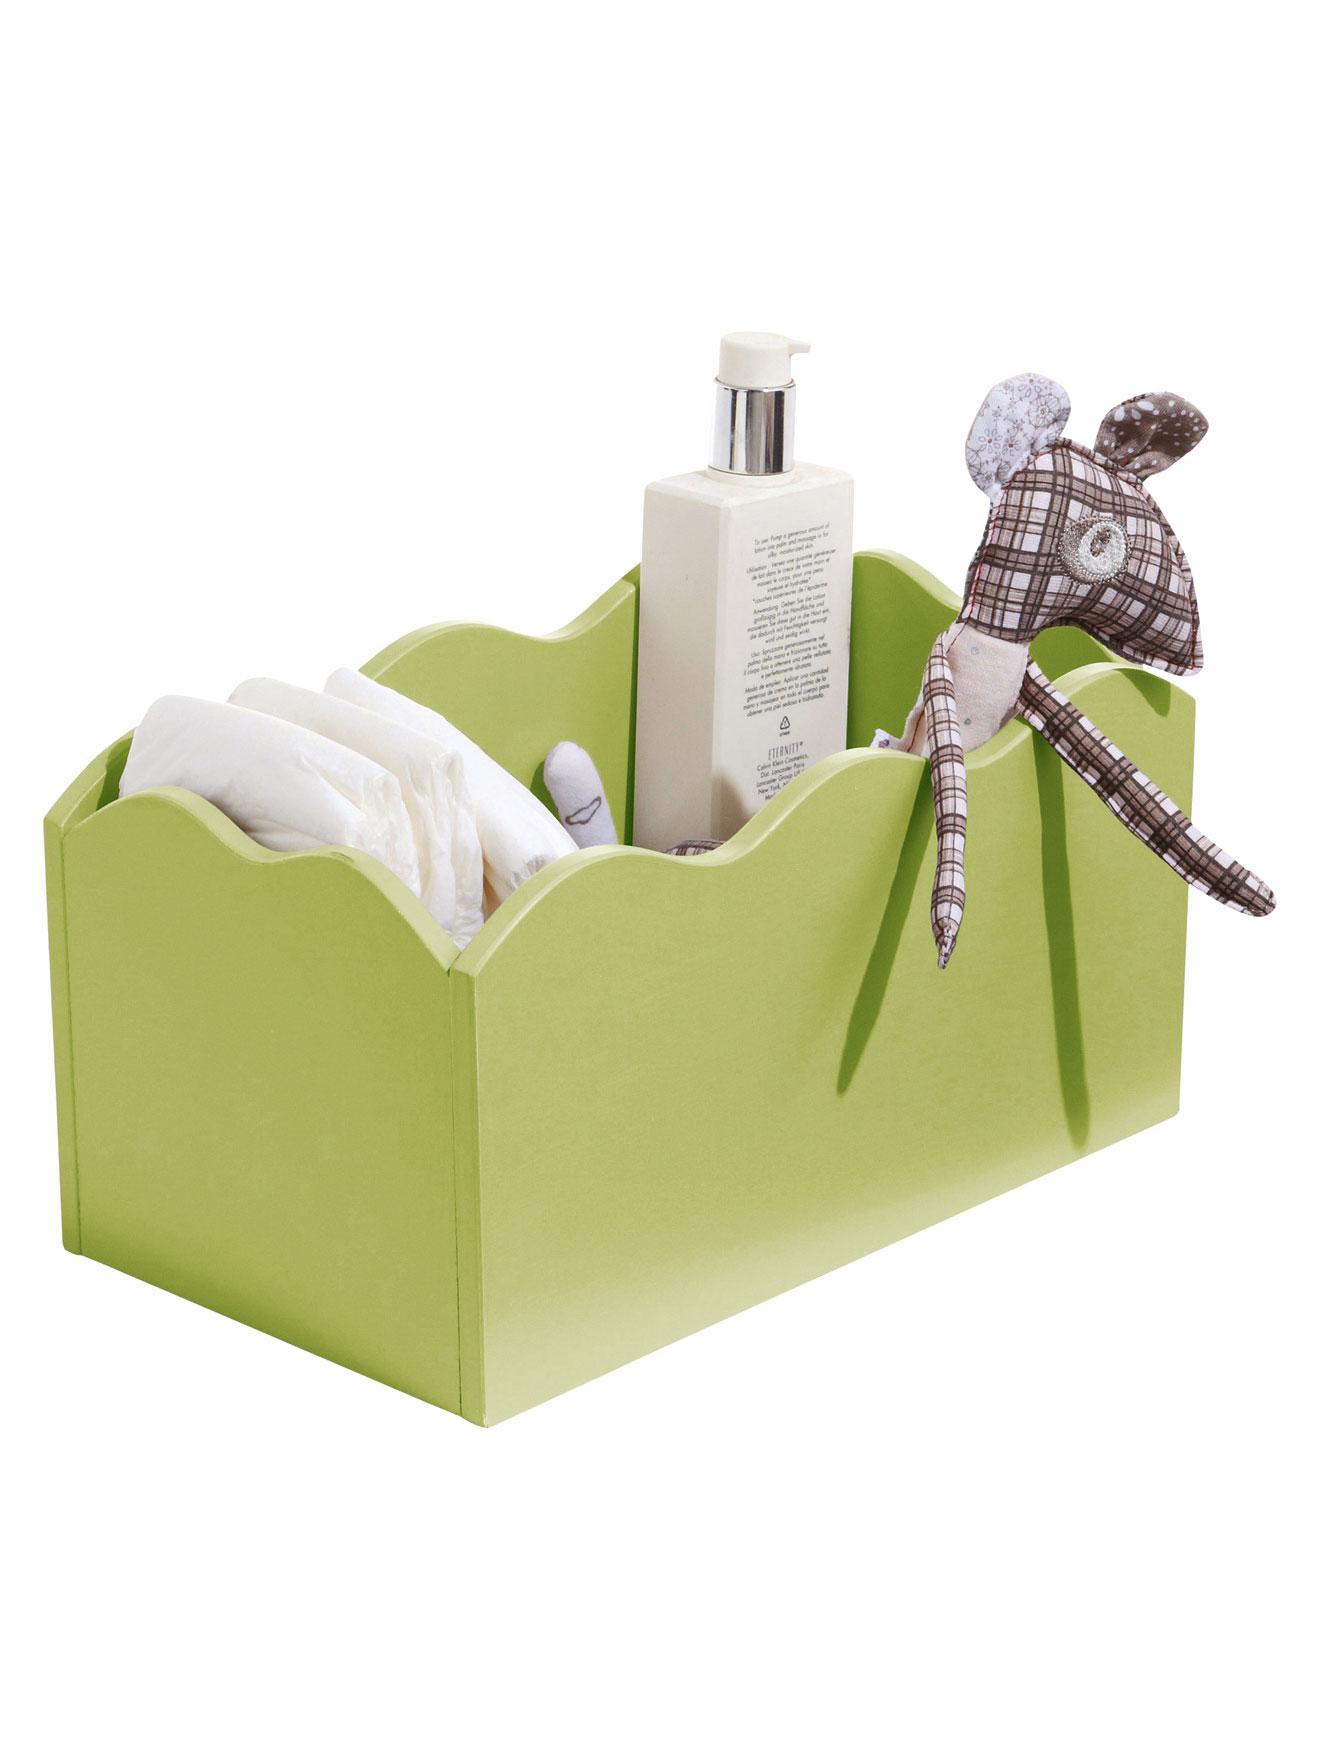 premier b b tout ce qu il faut acheter les aventures du chouchou cendr. Black Bedroom Furniture Sets. Home Design Ideas